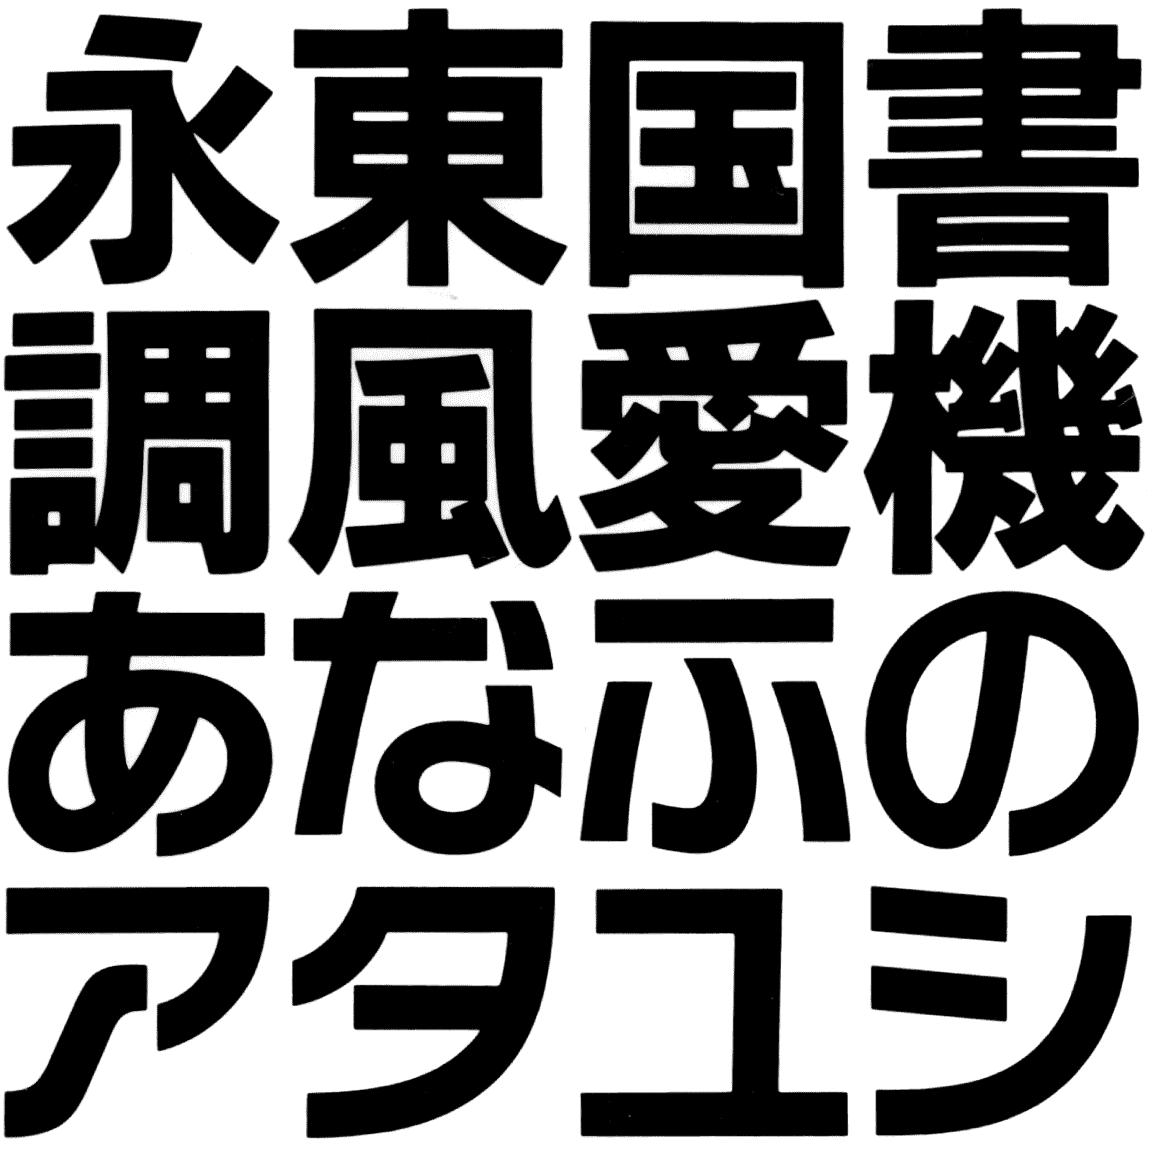 ロゴライン EB ELL-2 字形見本